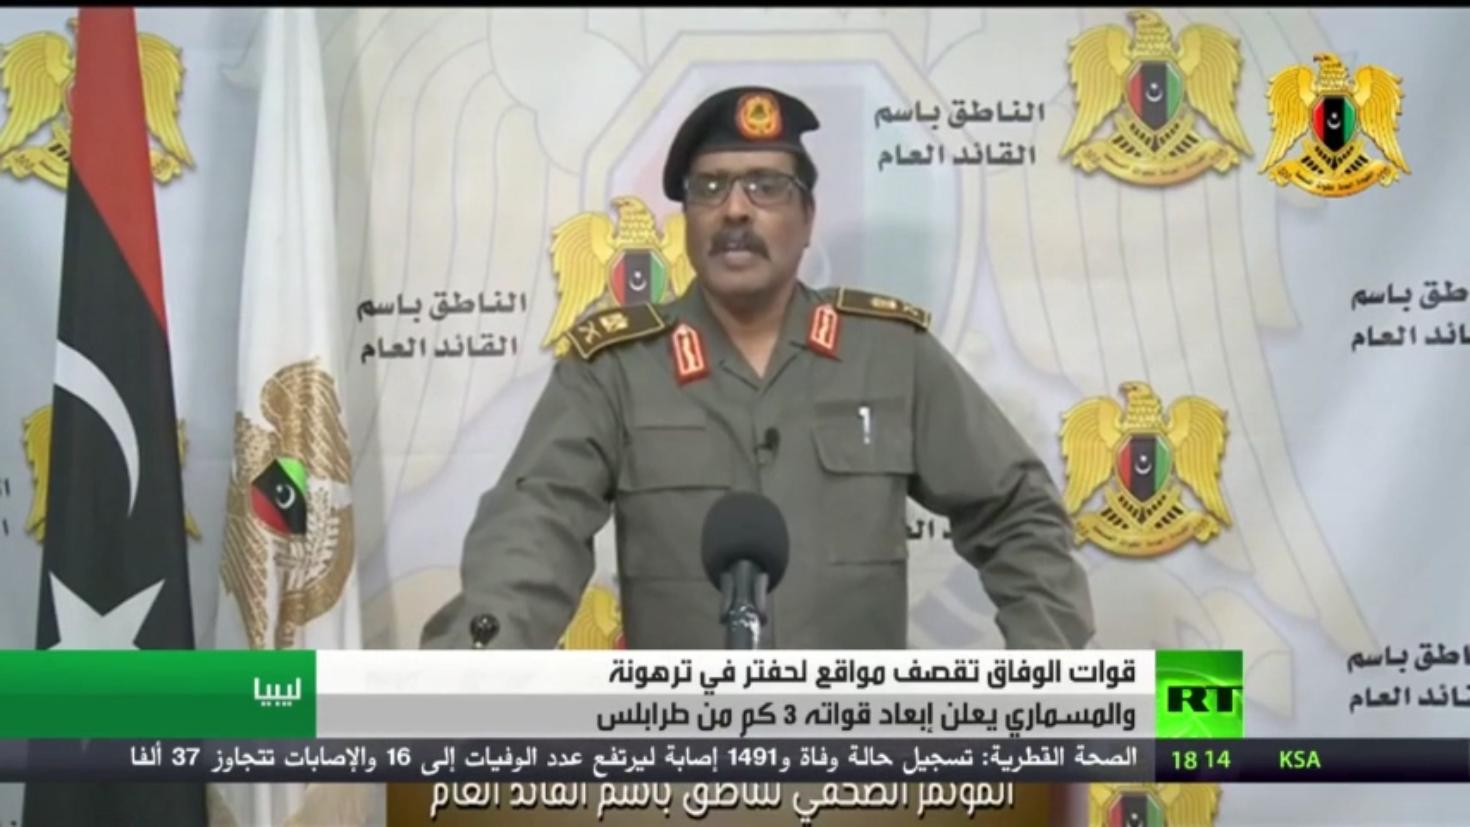 غارات لحكومة الوفاق على قوات حفتر بترهونة